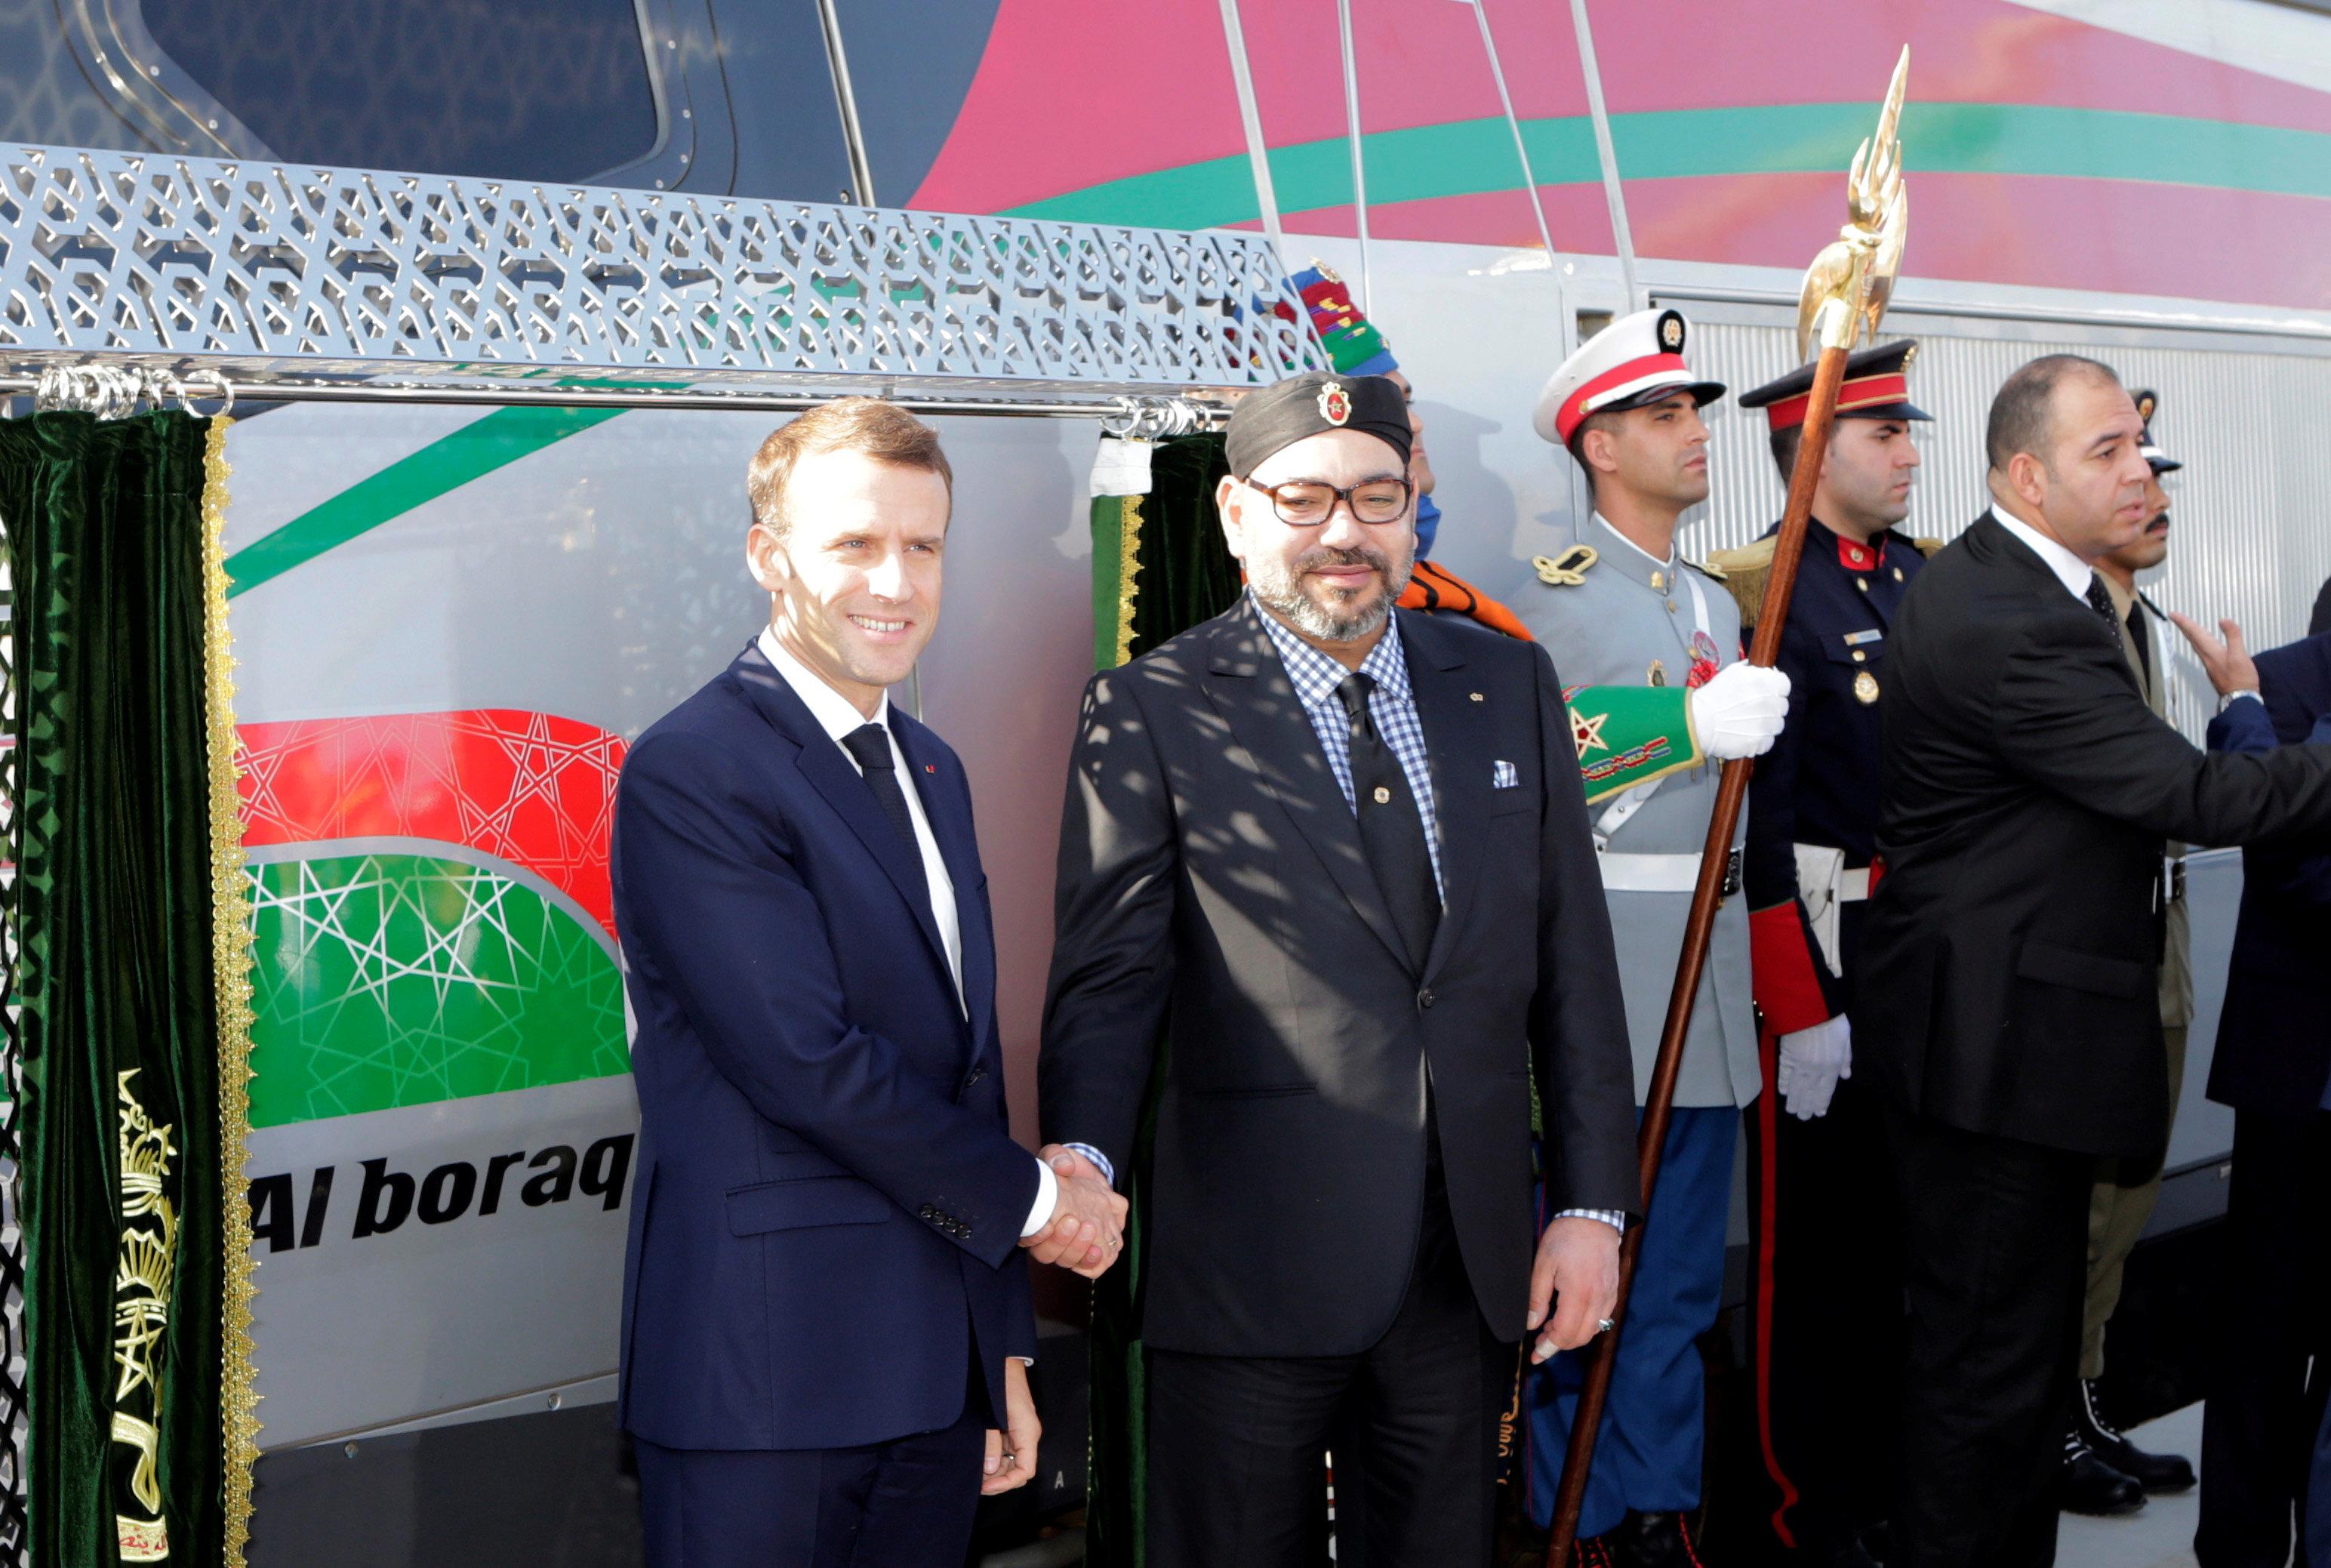 LGV: Les premières images de l'inauguration à Tanger du train à grande